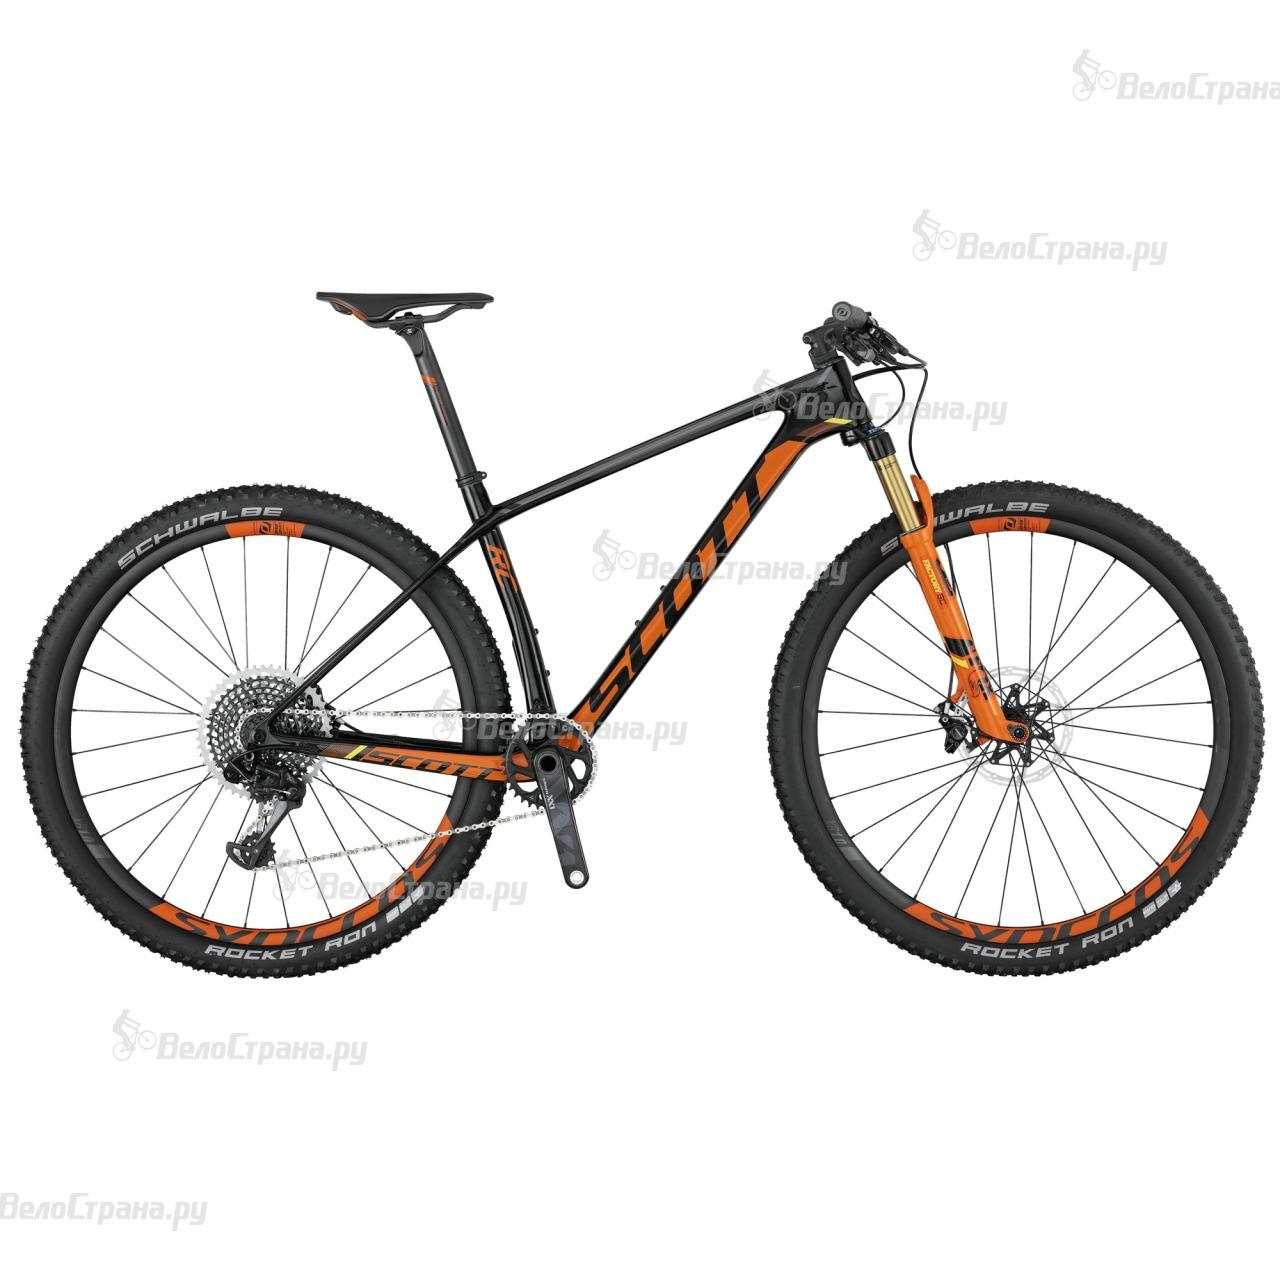 купить Велосипед Scott Scale RC 900 SL (2017) по цене 584935 рублей